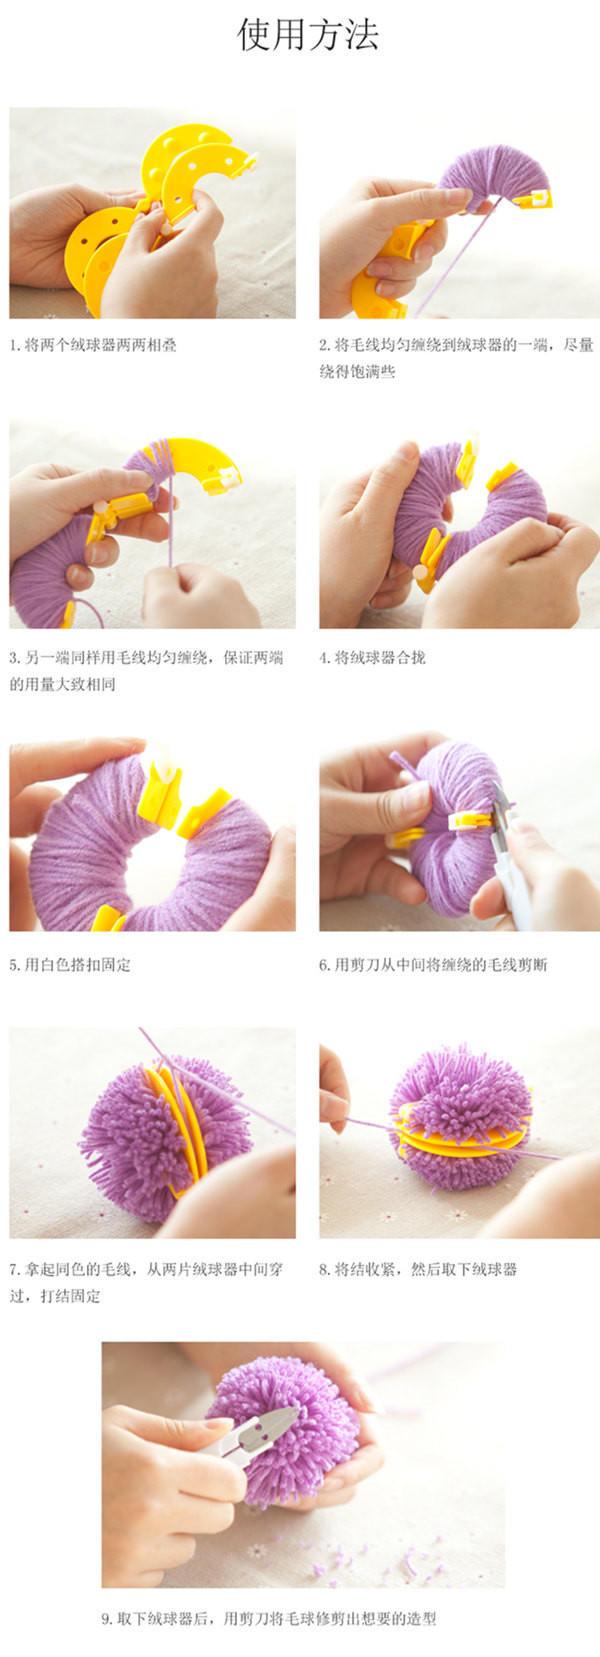 毛球器使用方法